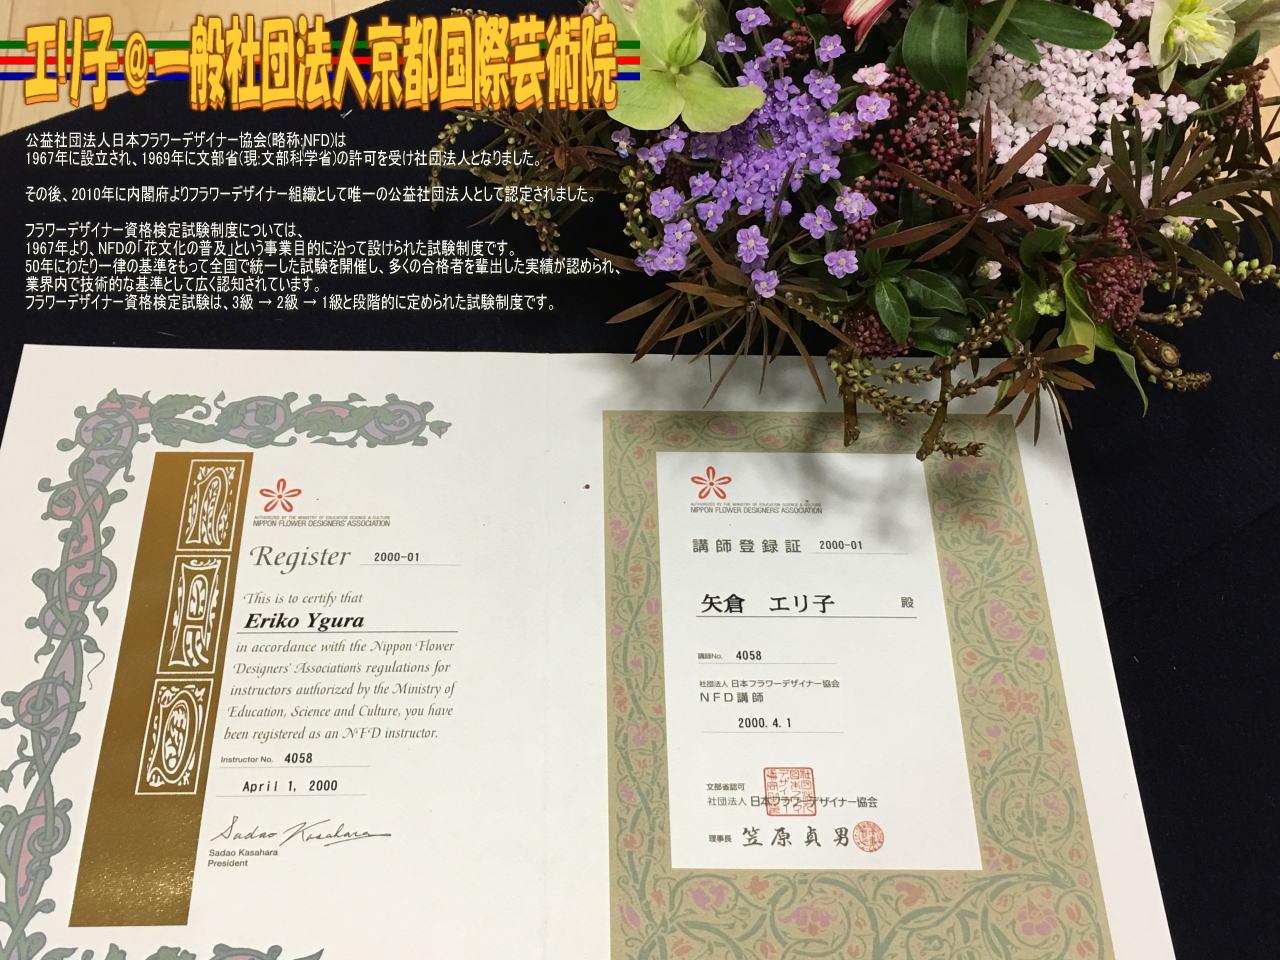 京都四条北洞院流家元エリ子花前カレンの民間資格である日本フラワーデザイナー協会(NFD)の講師資格の画像@一般社団法人京都国際芸術院